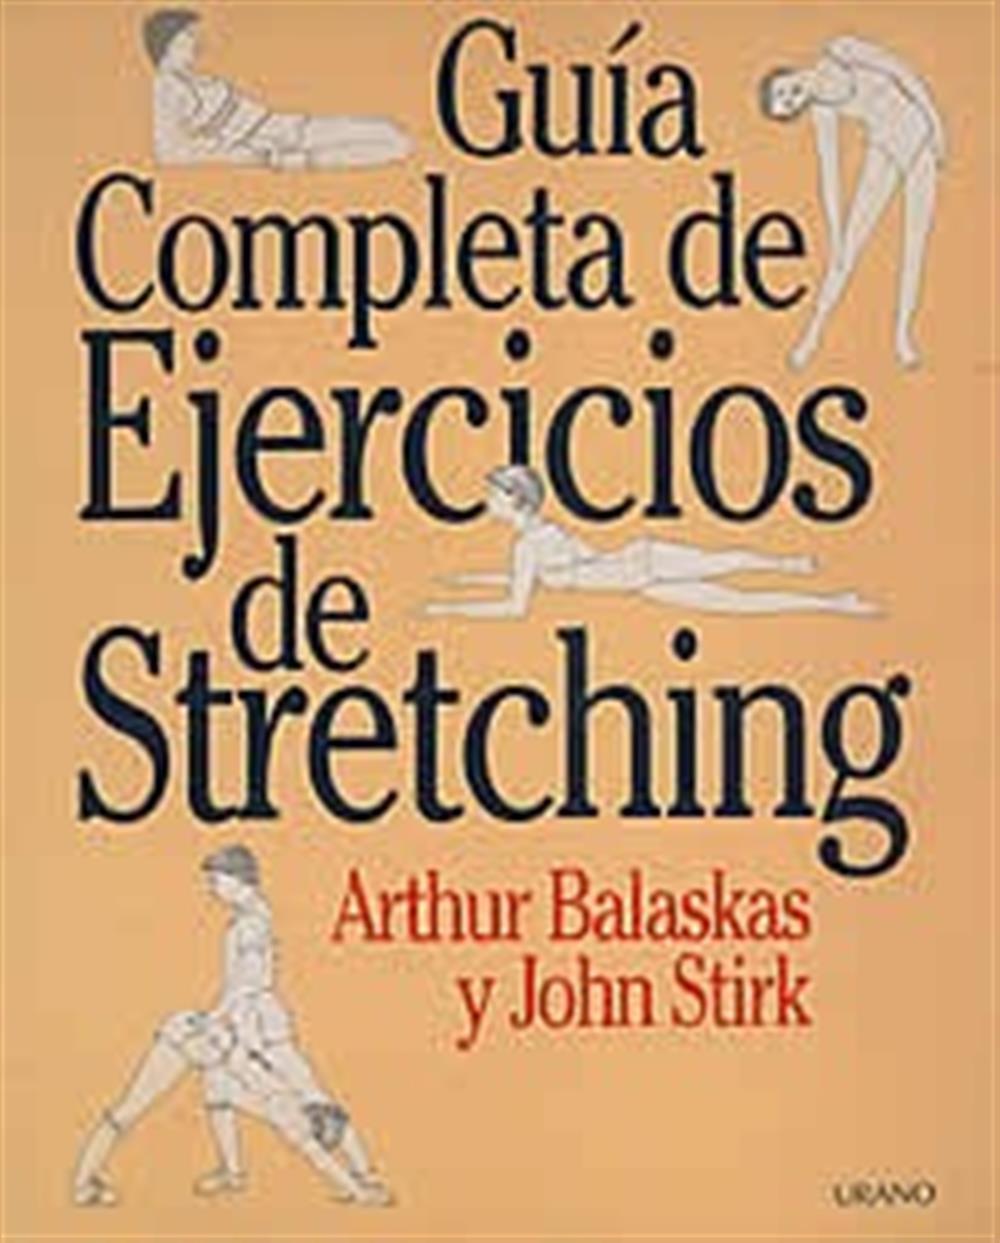 Guía completa de ejercicios de Stretching